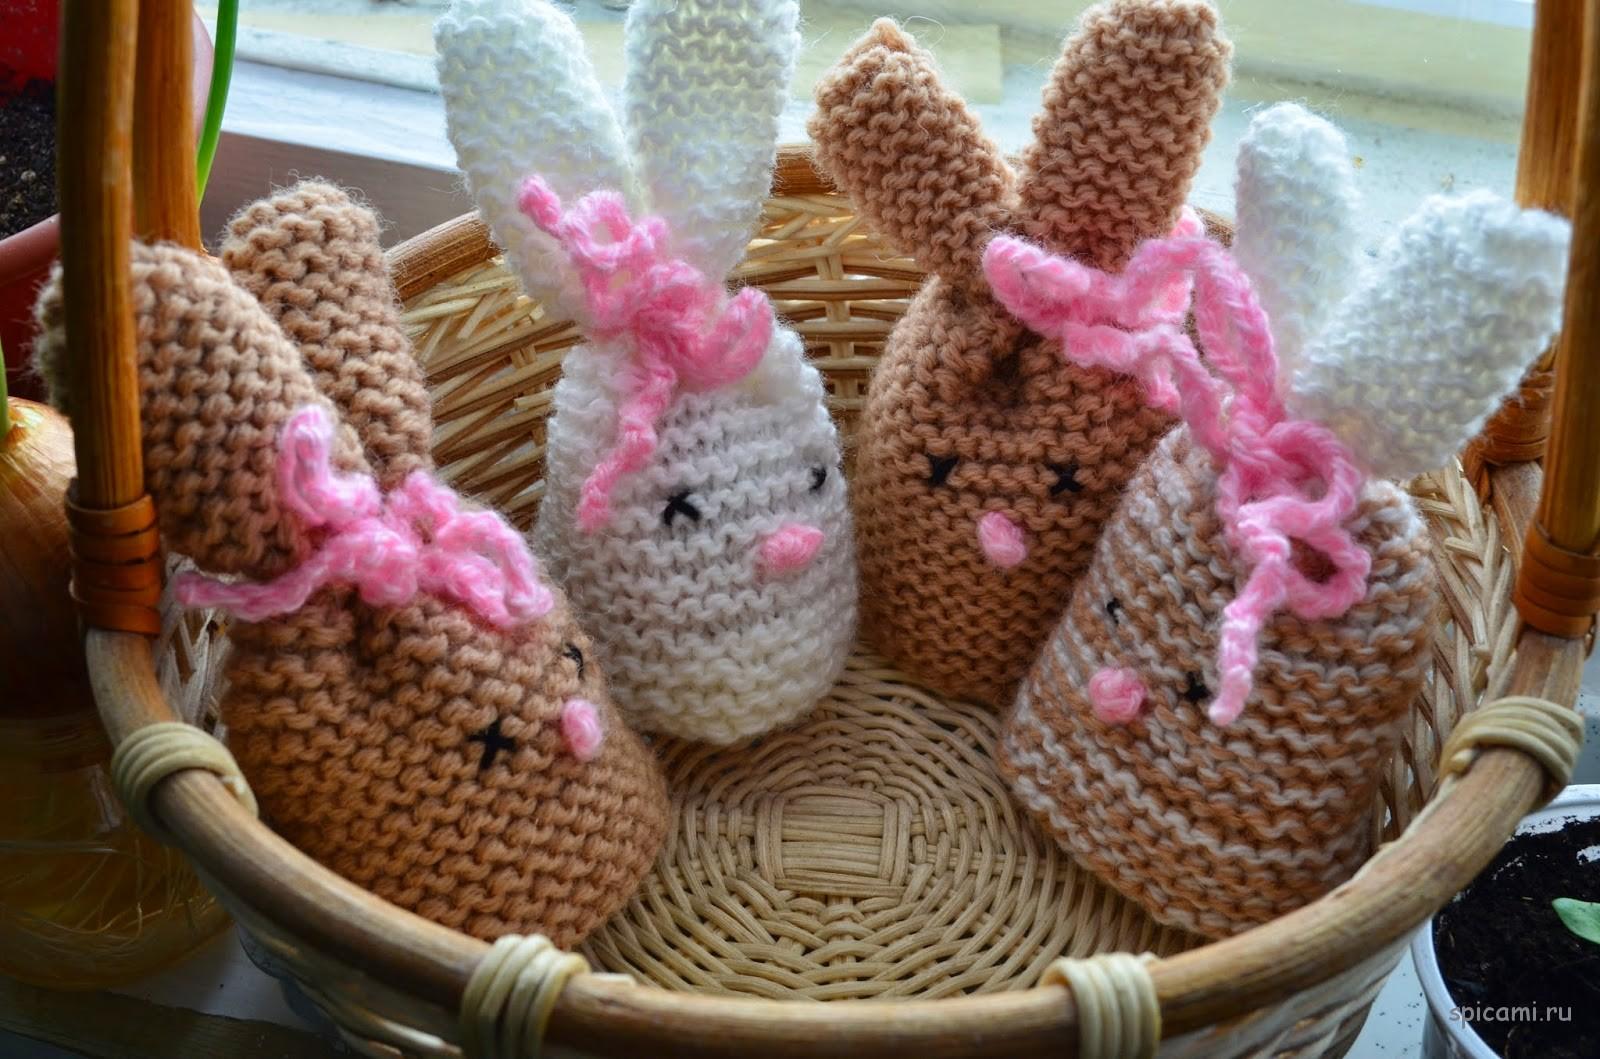 Пасхальные зайки — грелки для яиц (мастер-класс)